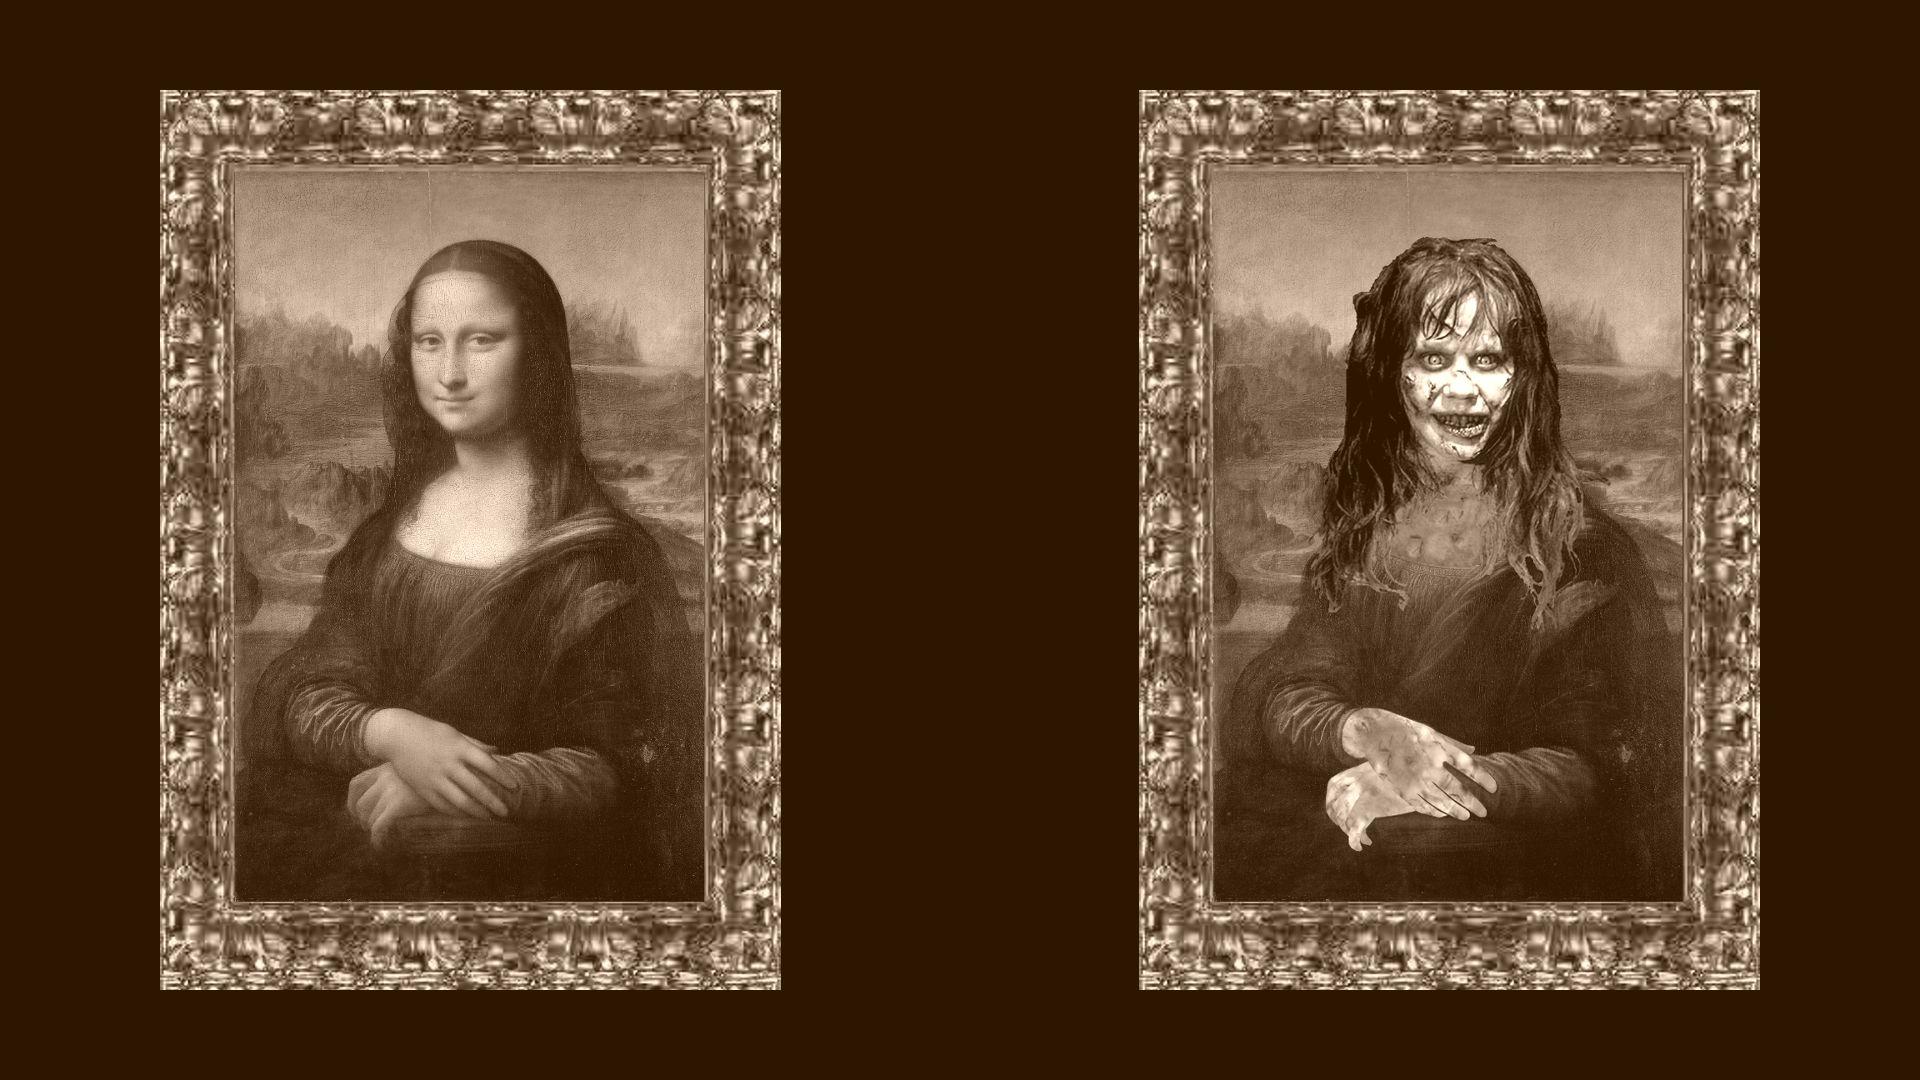 The Mona Lisa smile - la Joconde